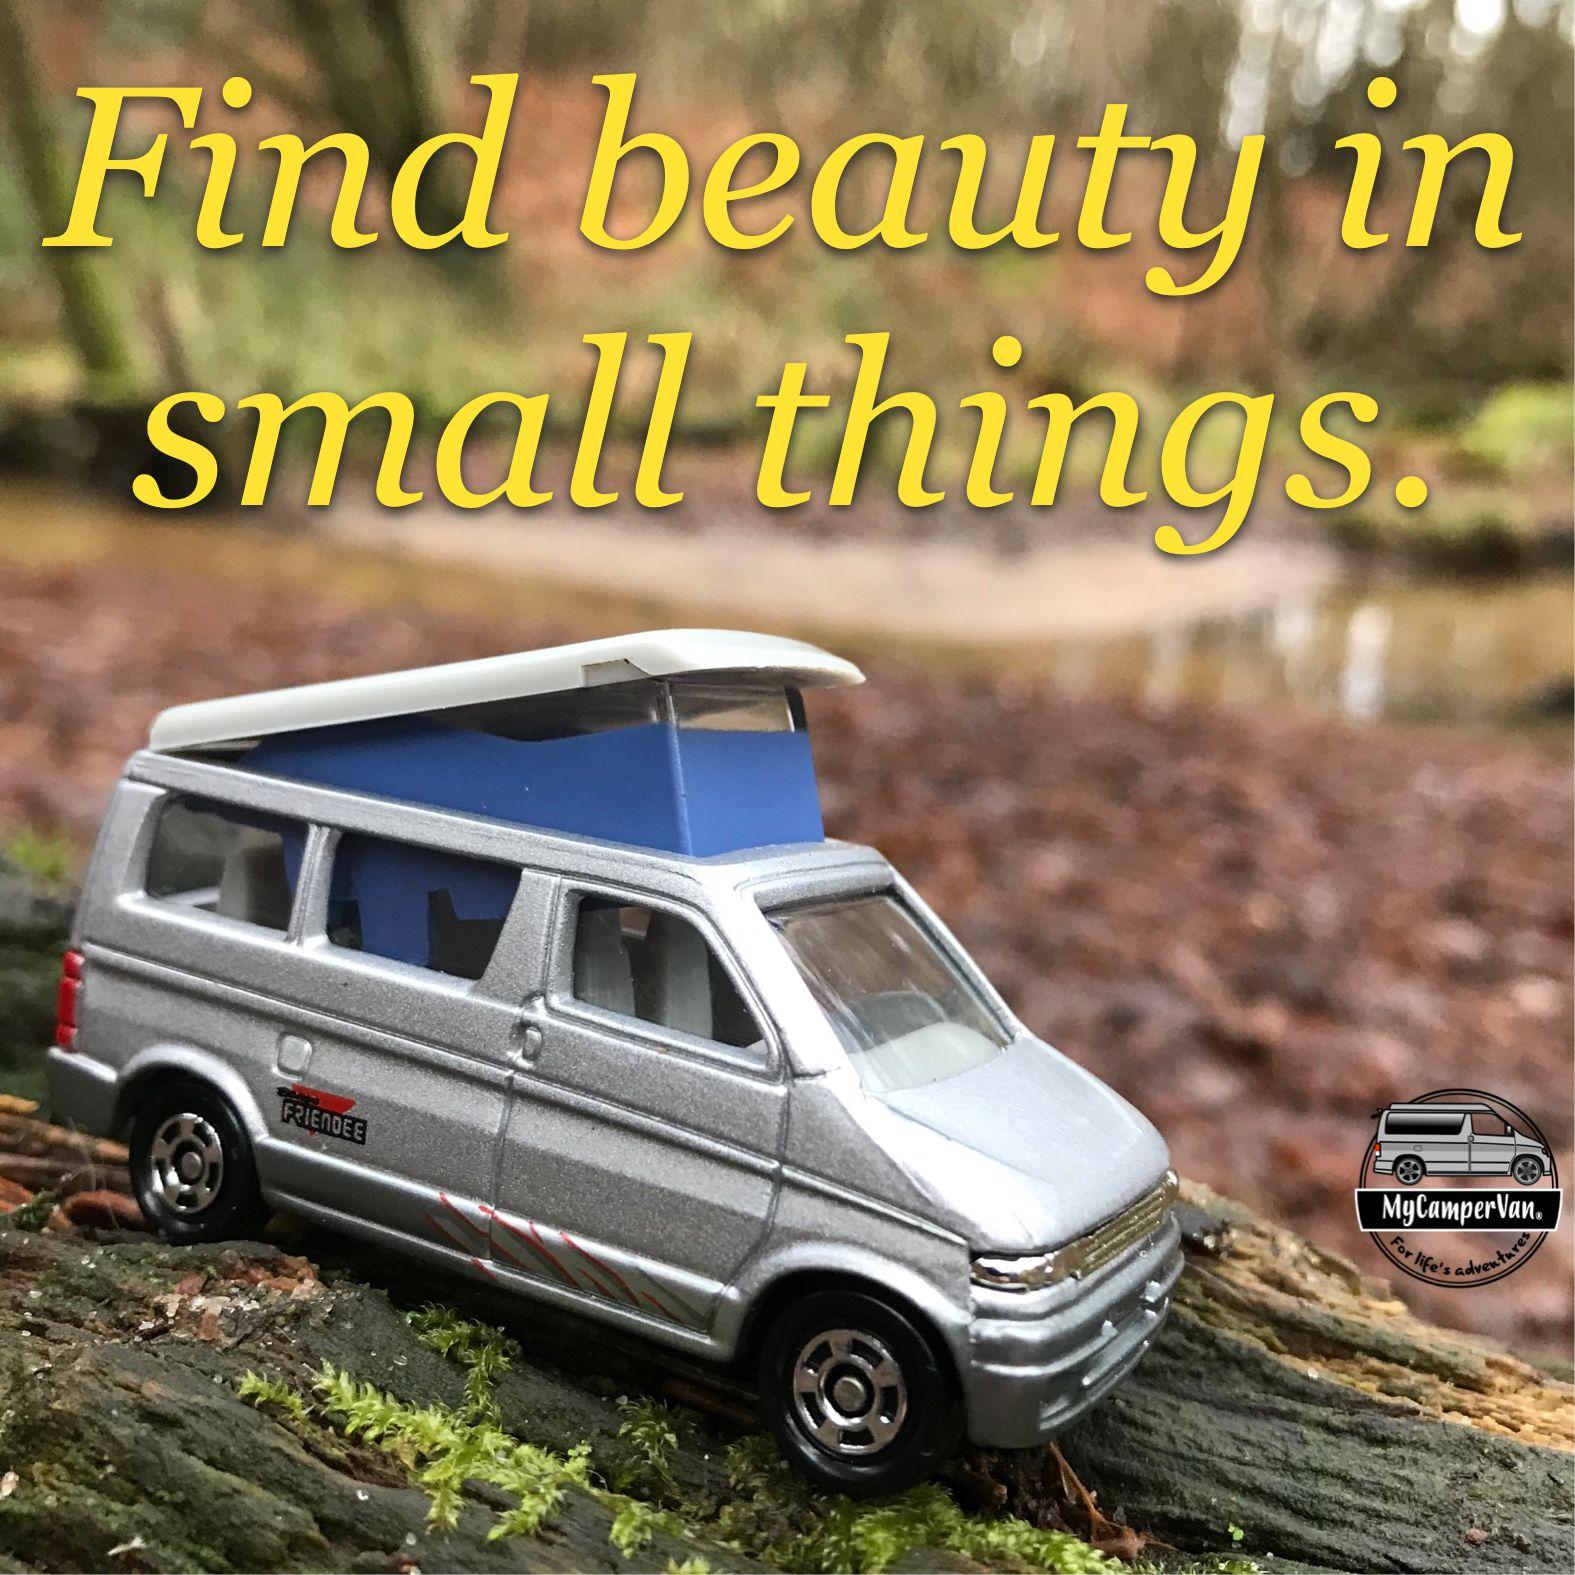 Bongo Campervan Adventure Little Road Trip Mycampervan In 2020 Bongo Campervan Campervan Gifts Vans Gifts